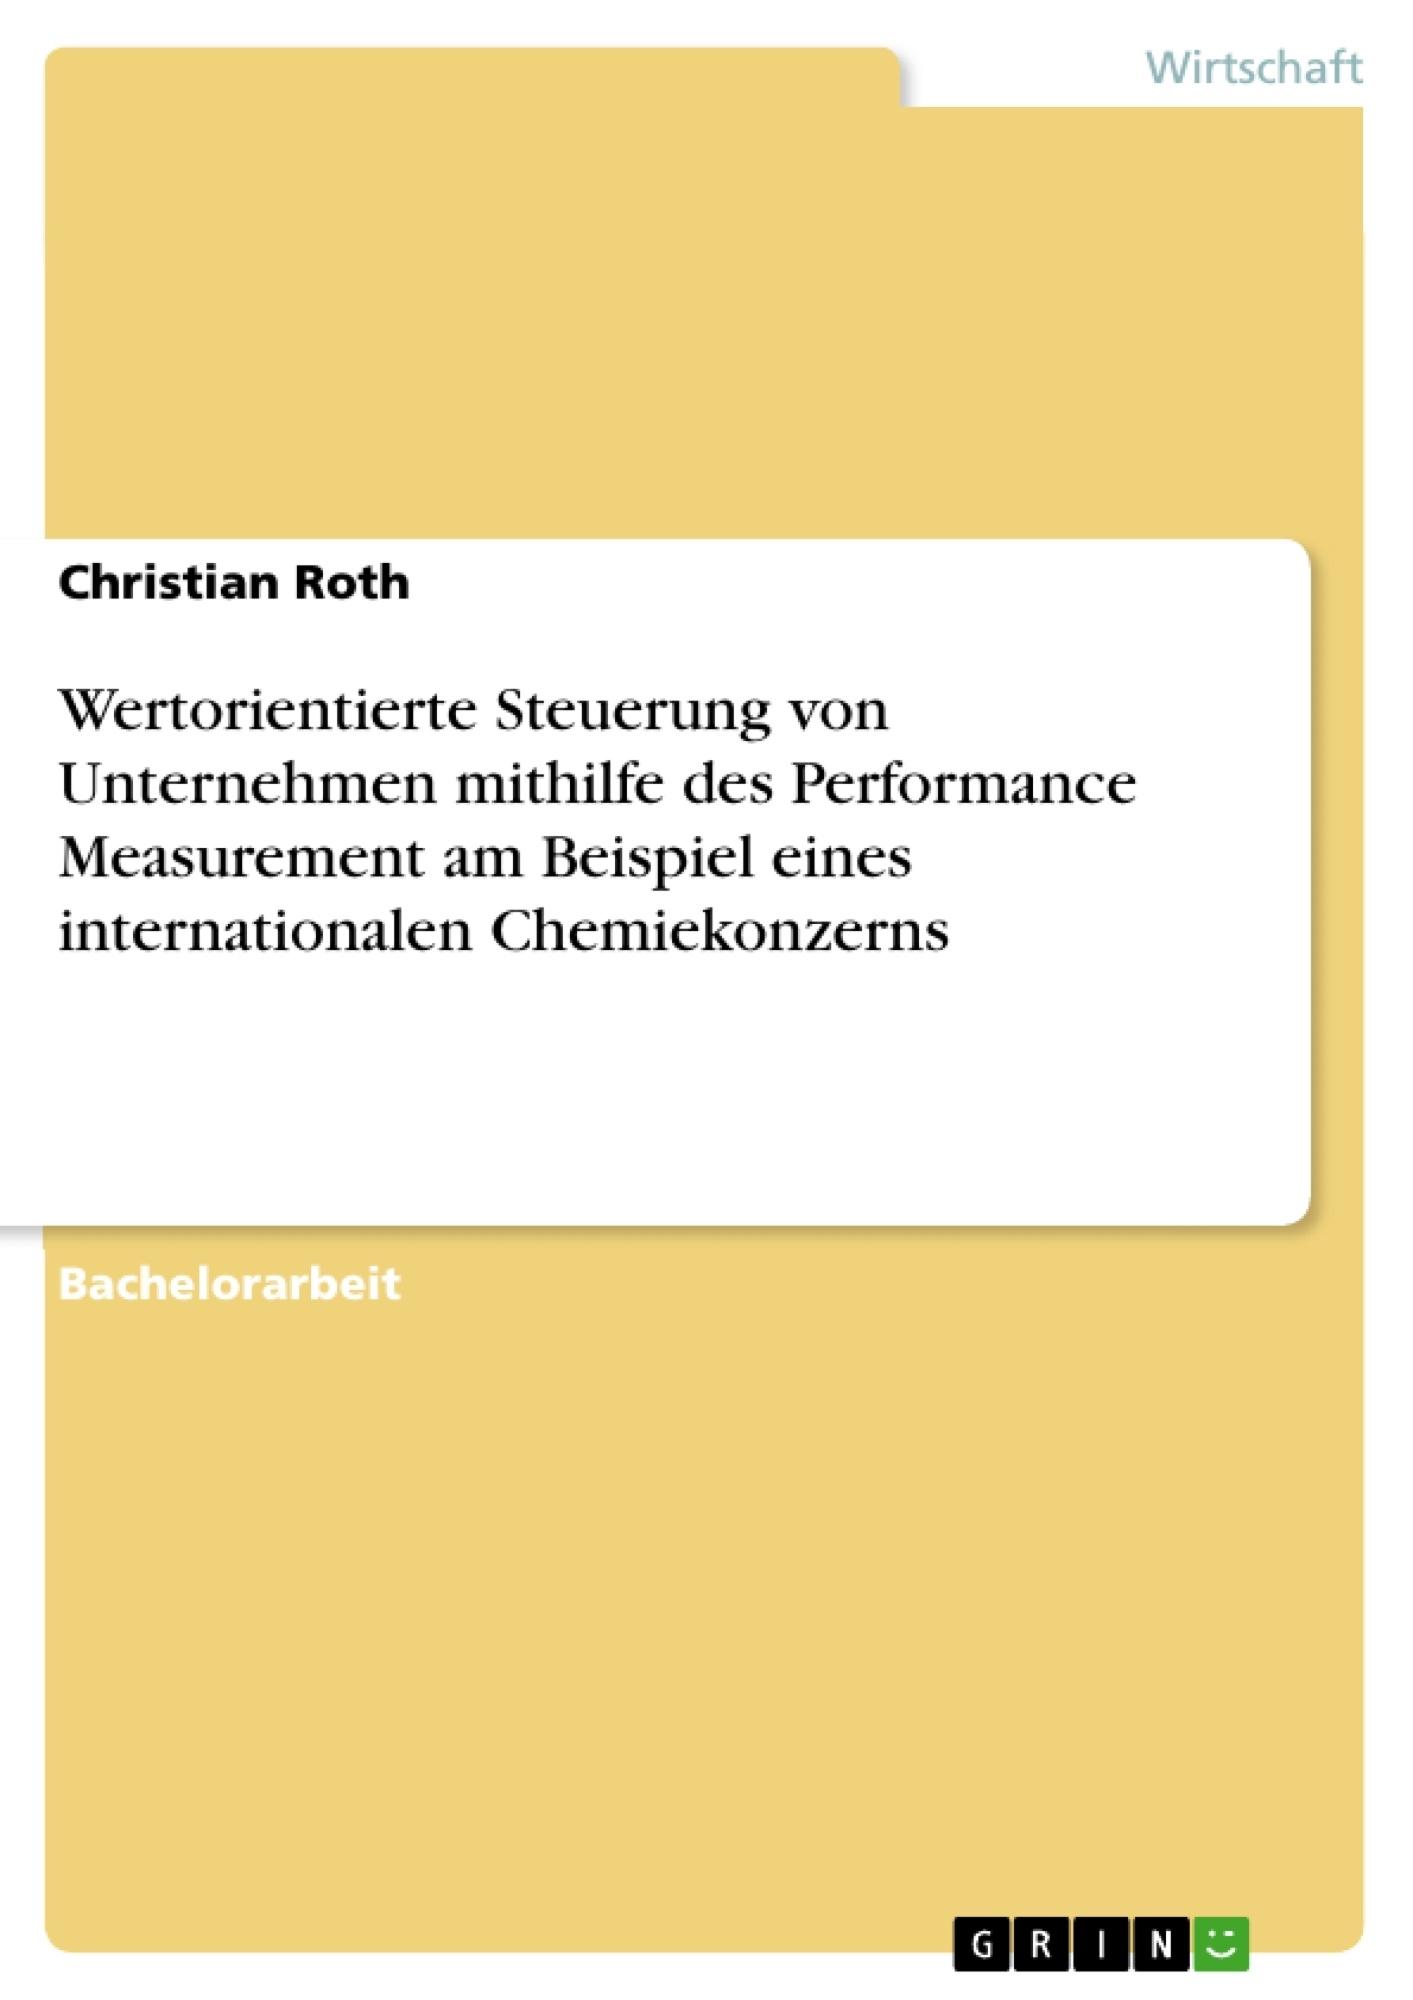 Titel: Wertorientierte Steuerung von Unternehmen mithilfe des Performance Measurement am Beispiel eines internationalen Chemiekonzerns